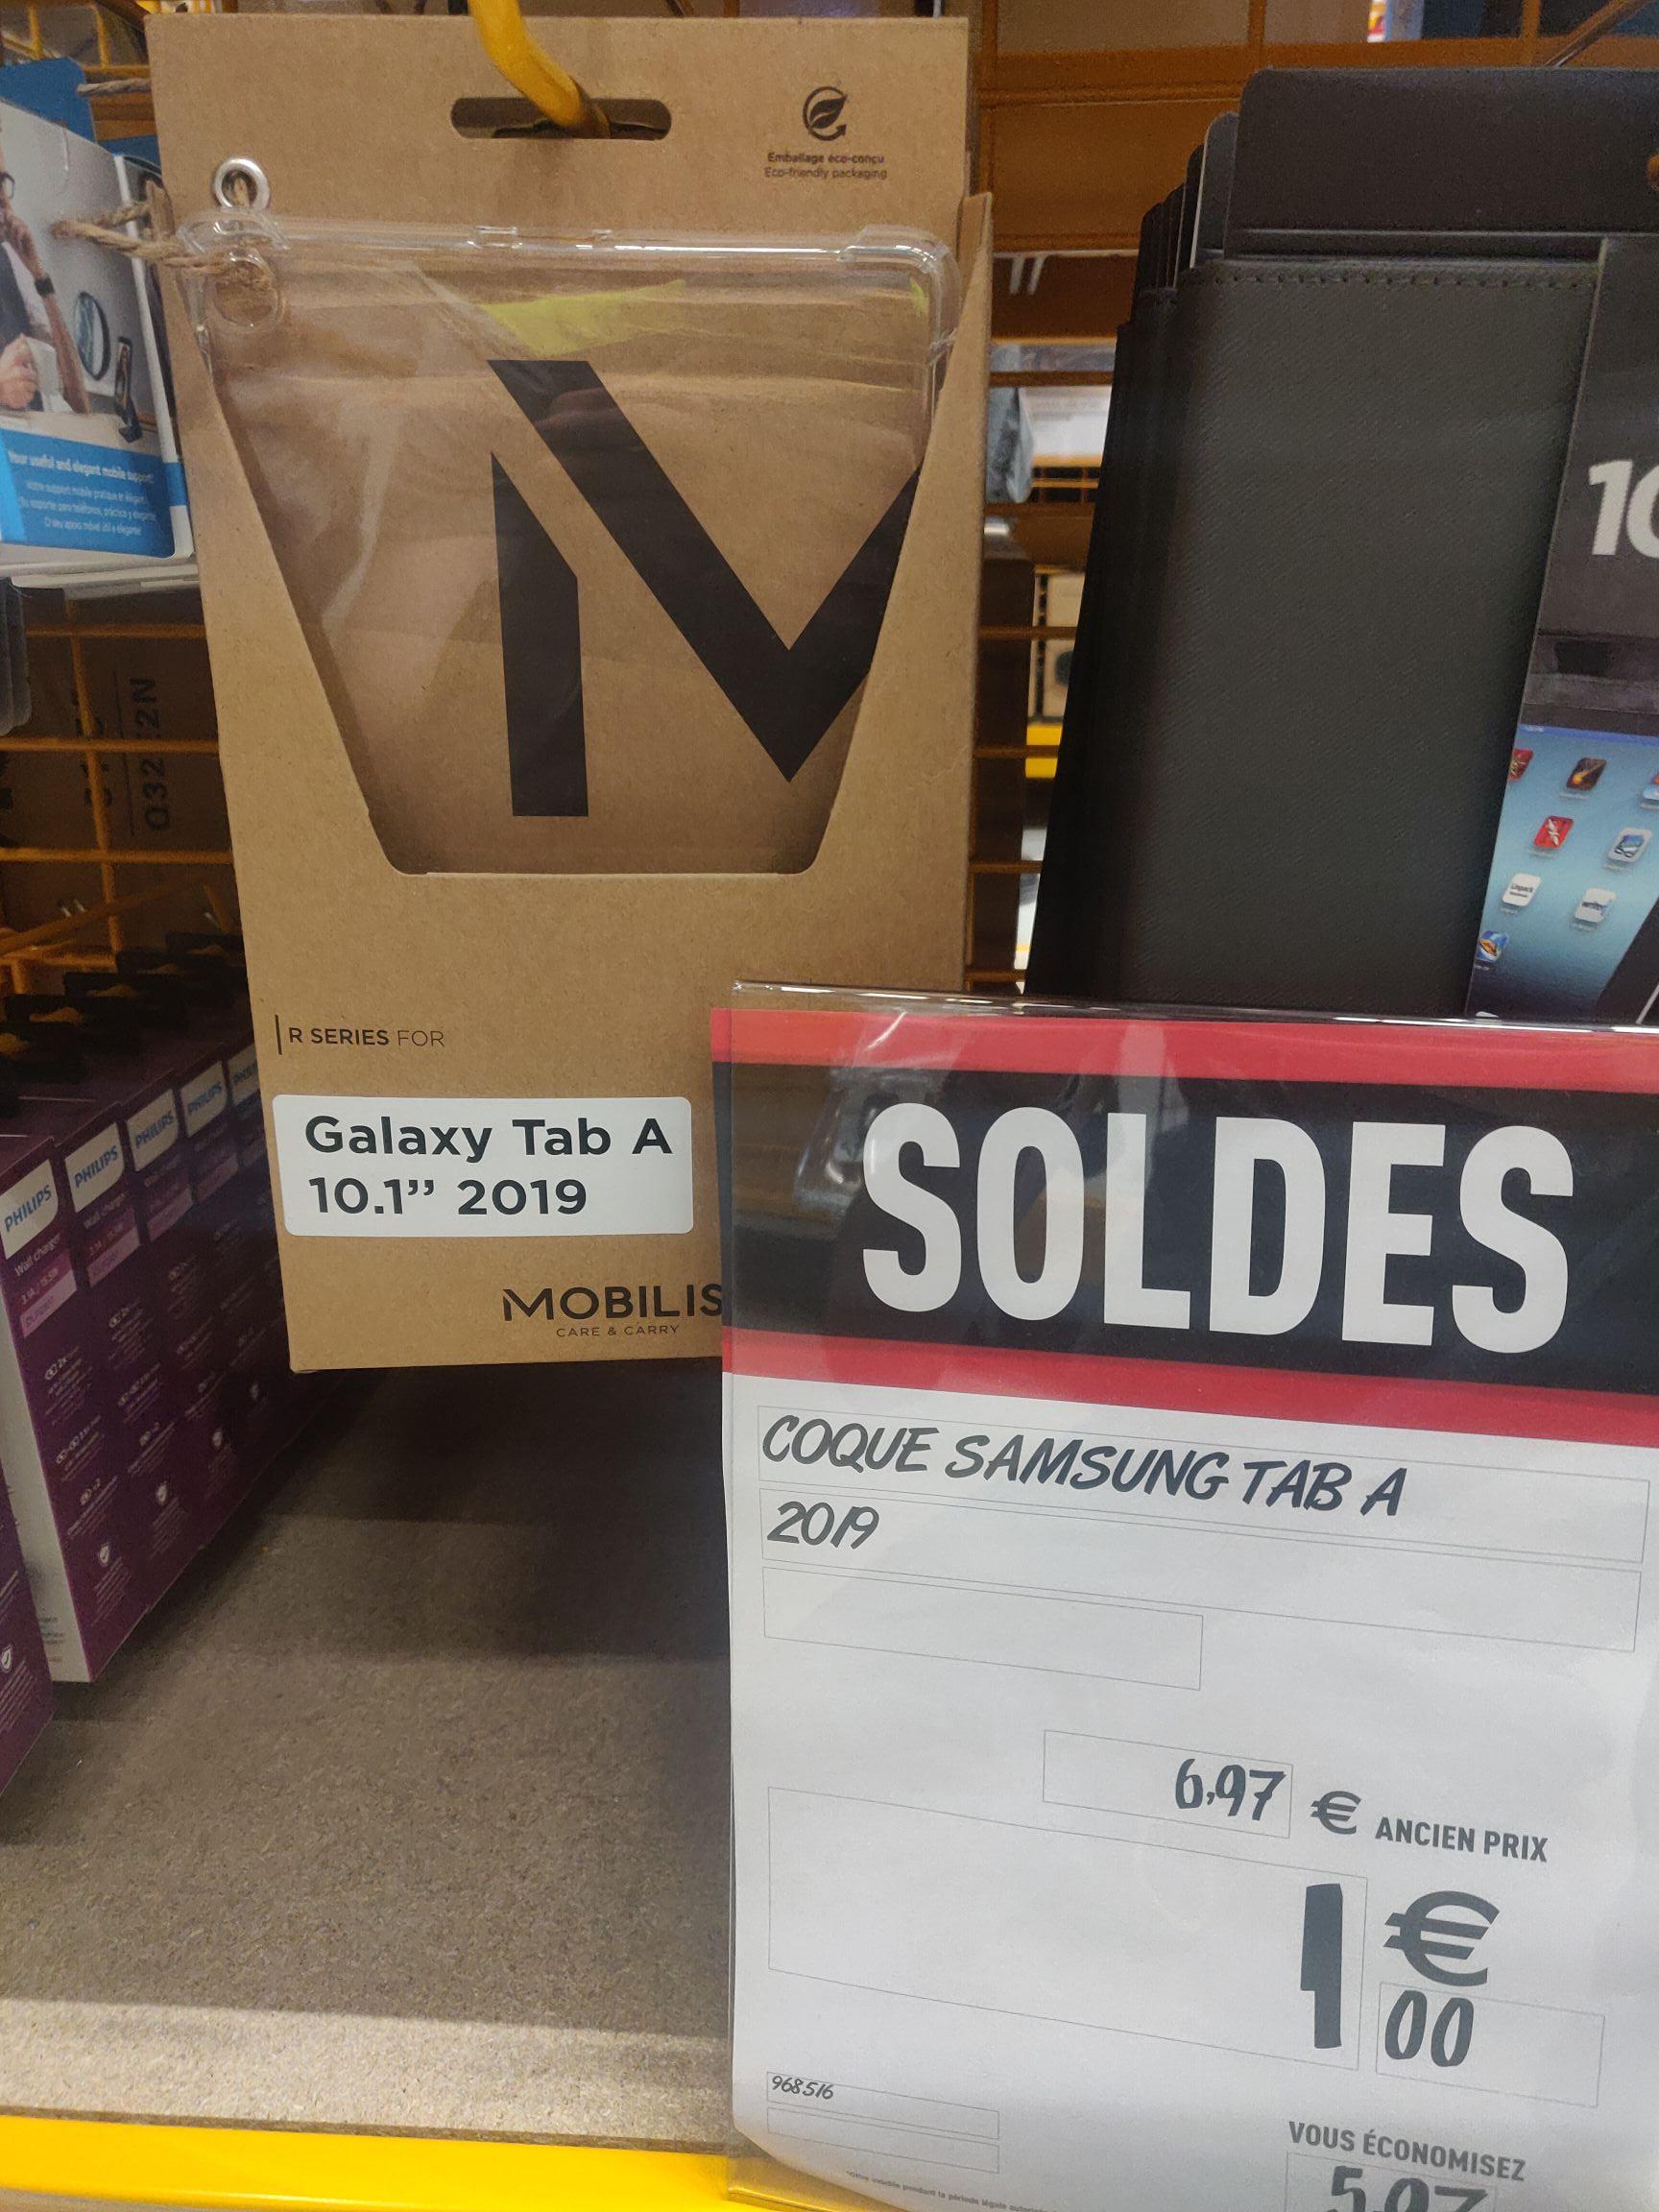 Coque de protection pour tablette tactile Samsung Galaxy Tab A 2019 Mobilis R Series - Chambray-lès-Tours (37)